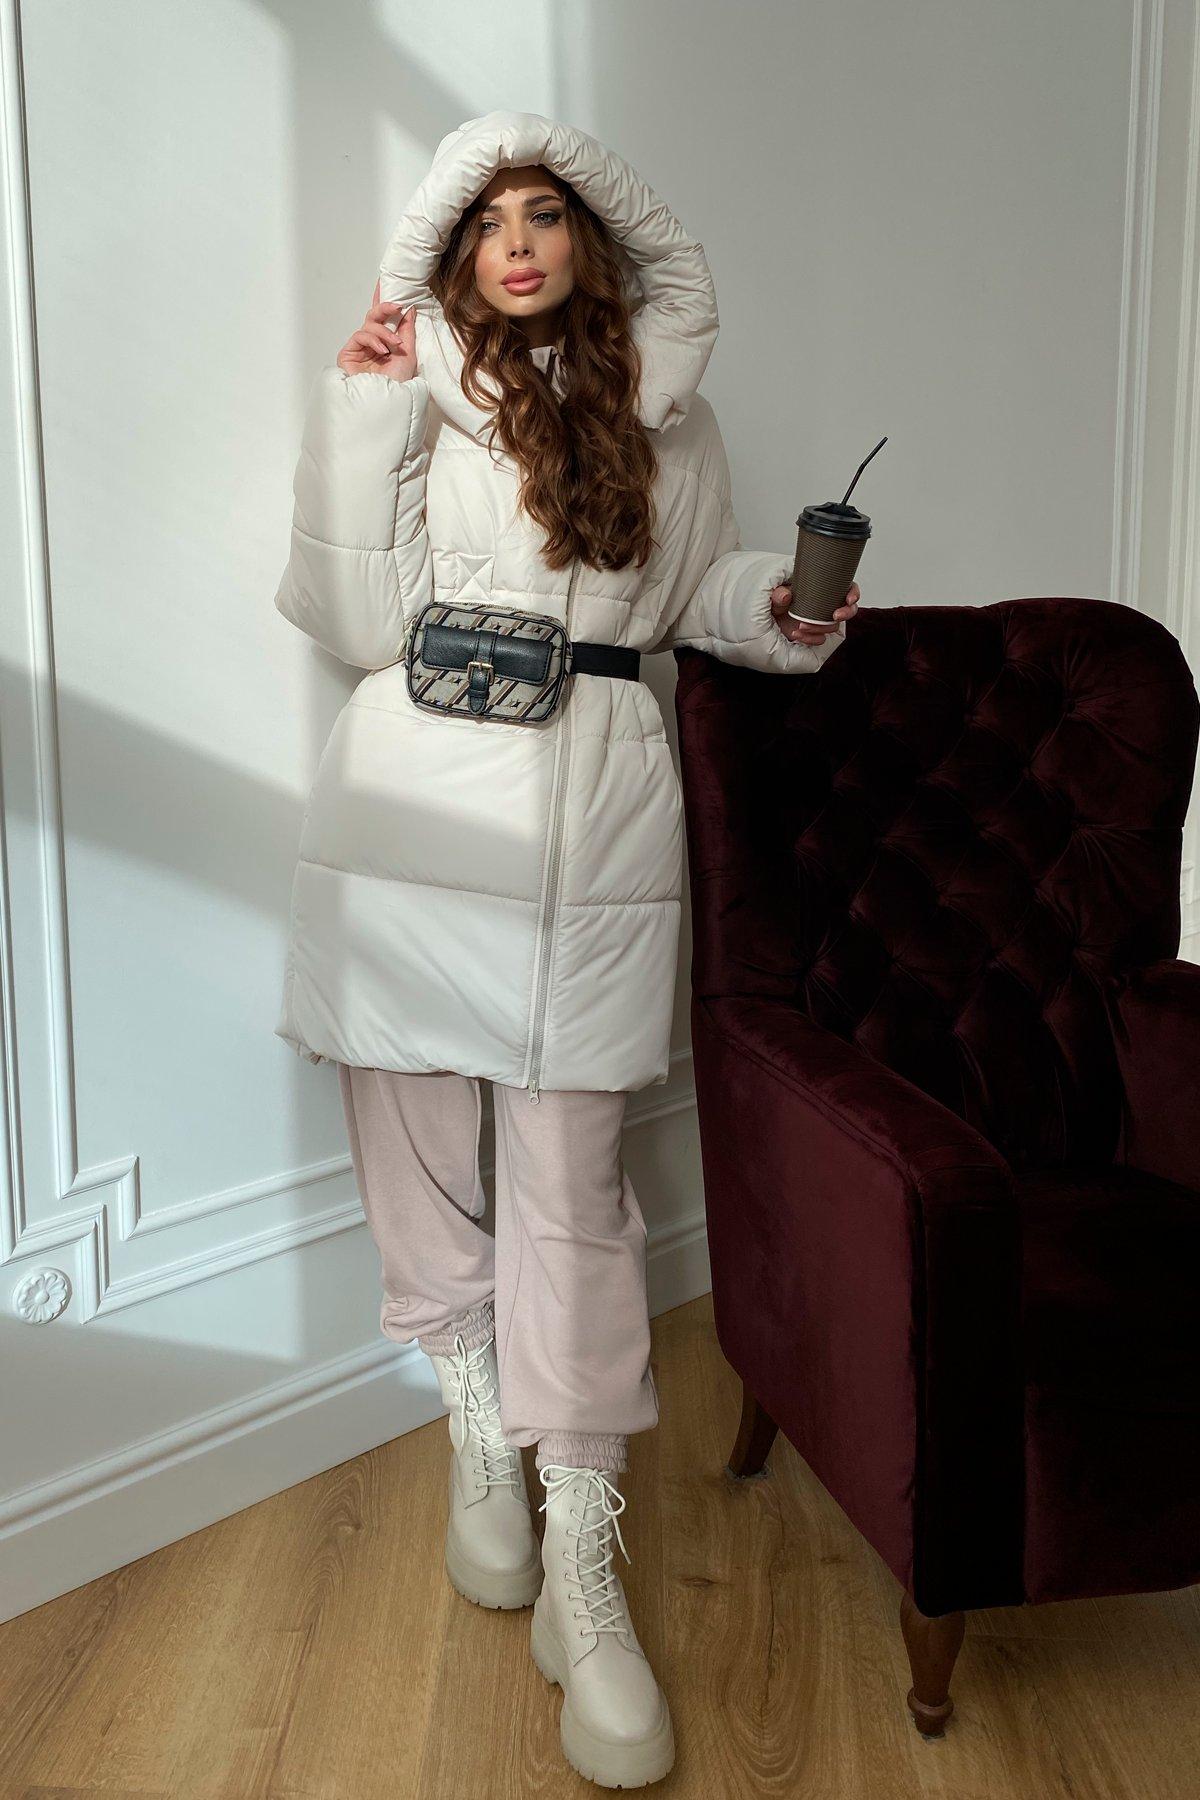 Френд  теплый пуховик из плащевой ткани 10101 АРТ. 46402 Цвет: Молоко - фото 7, интернет магазин tm-modus.ru